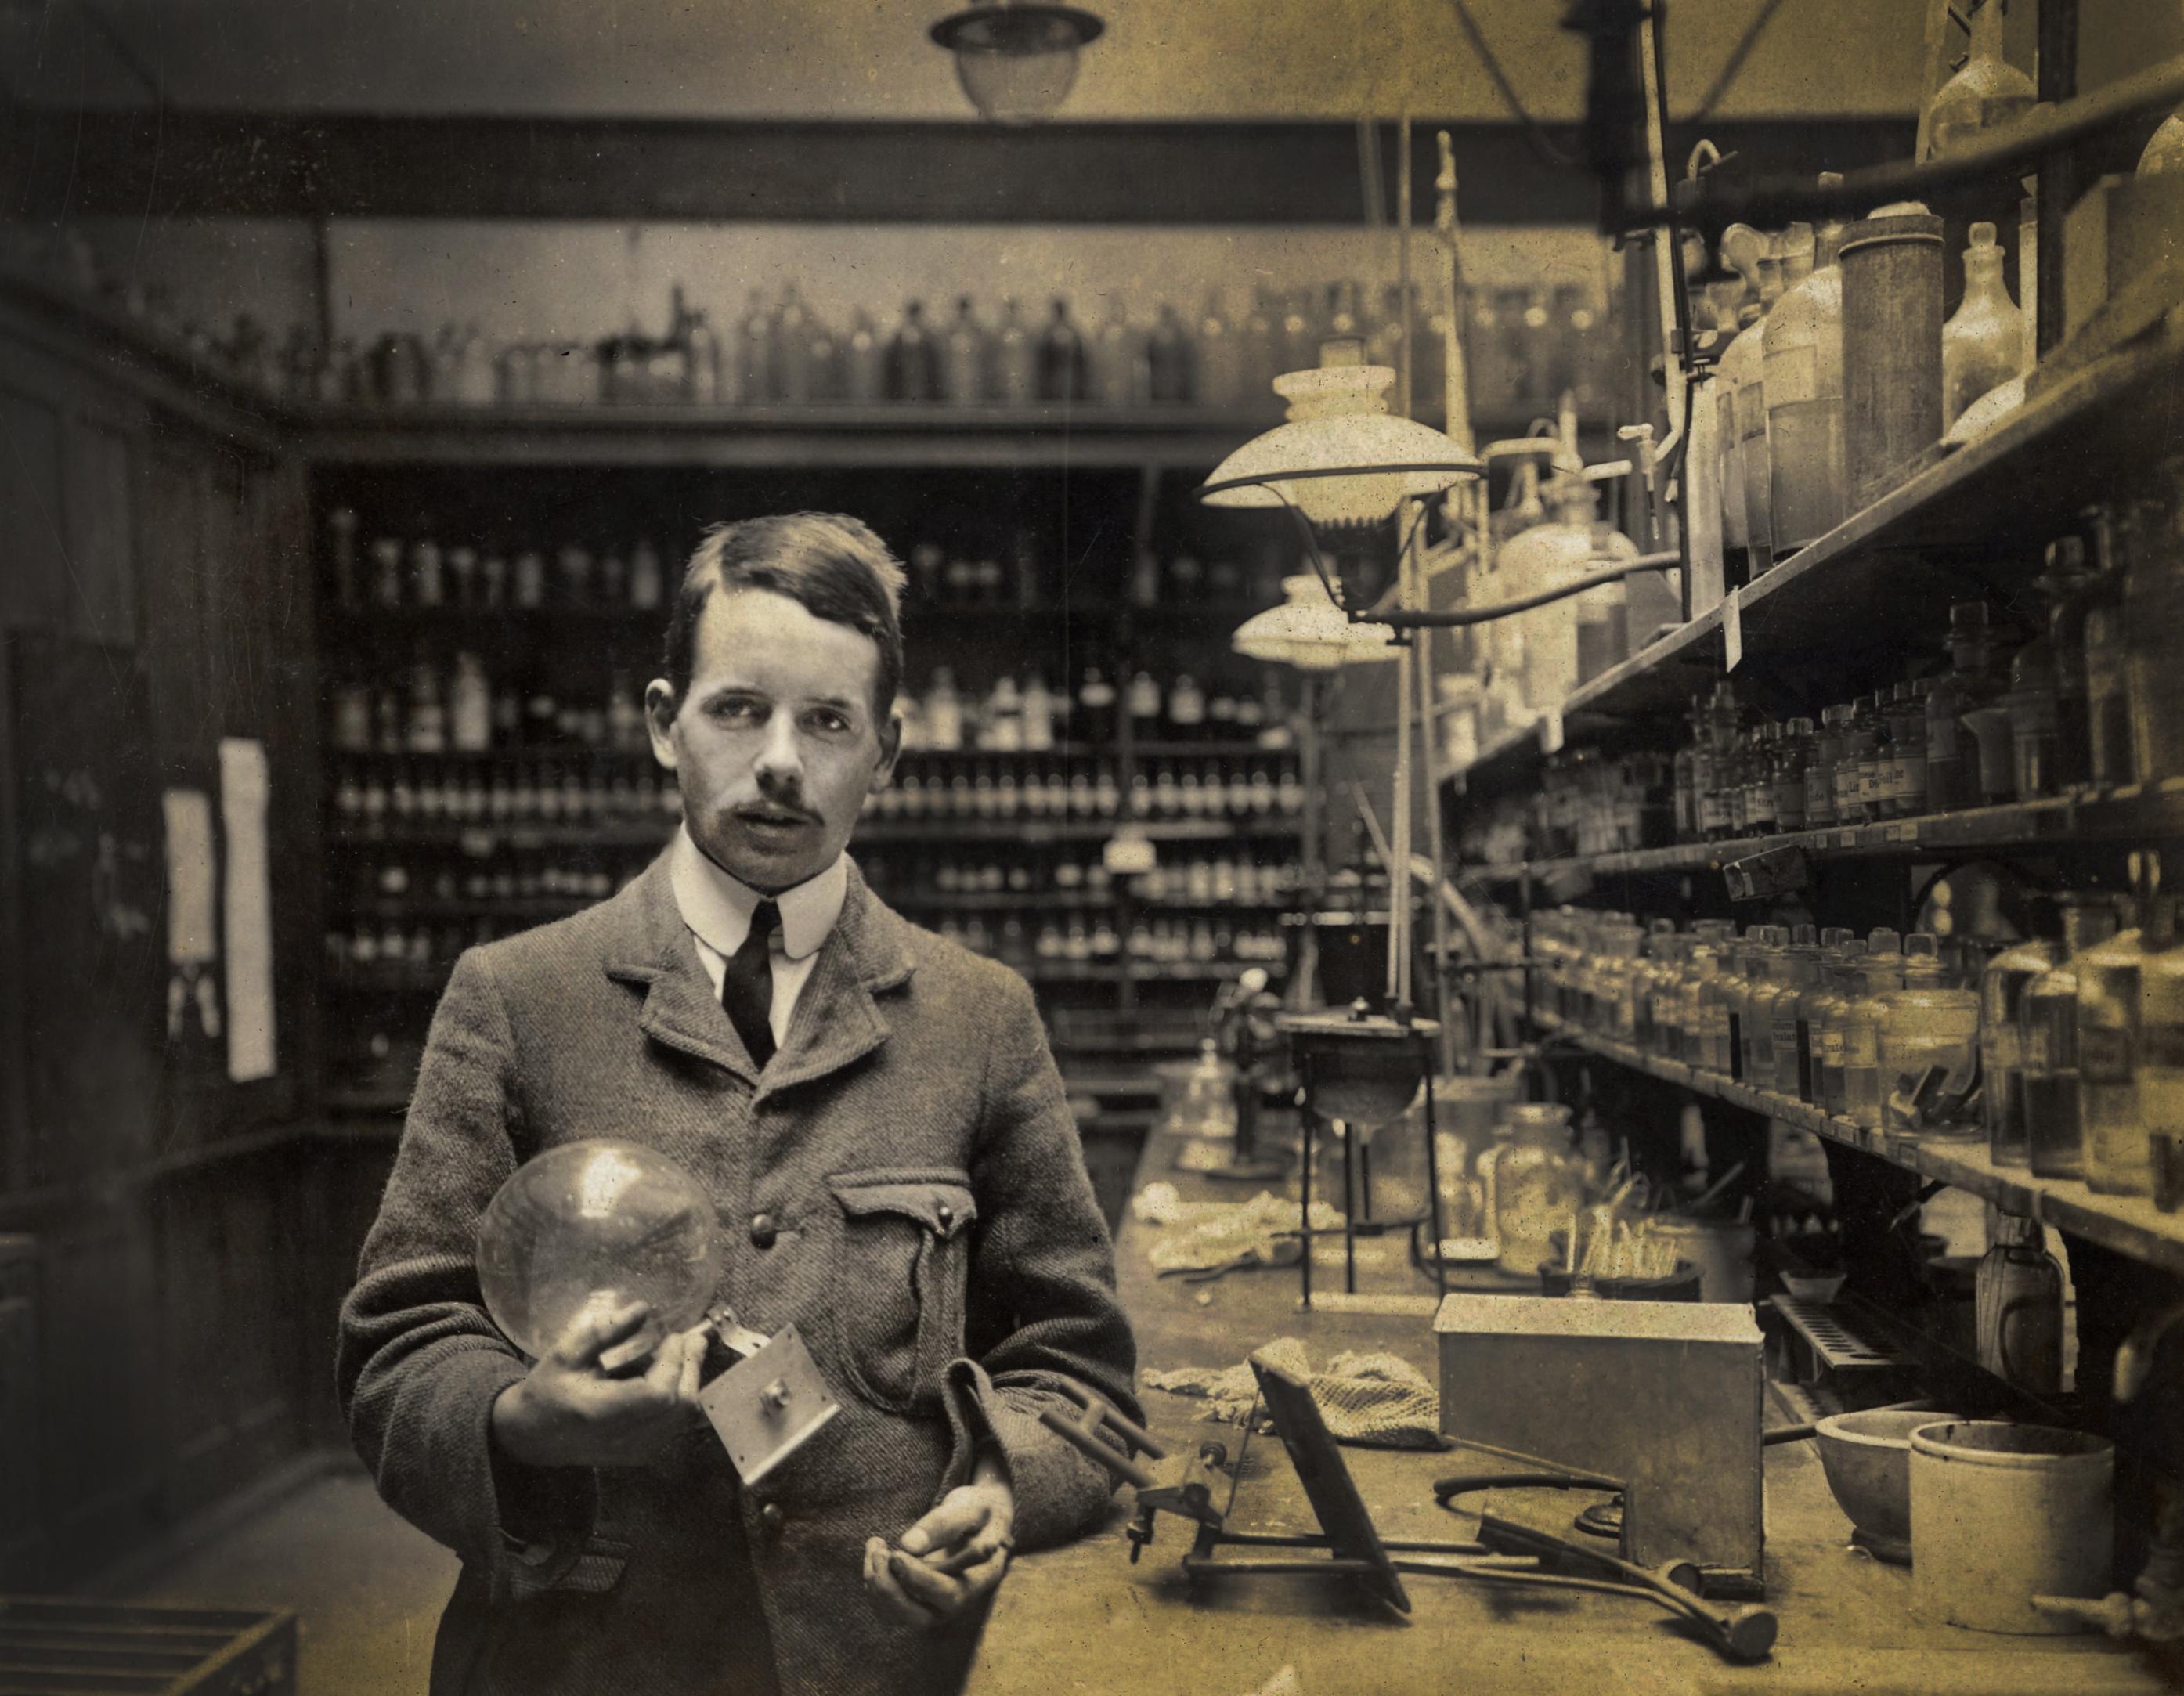 18874-moseleylaboratory-ki-1